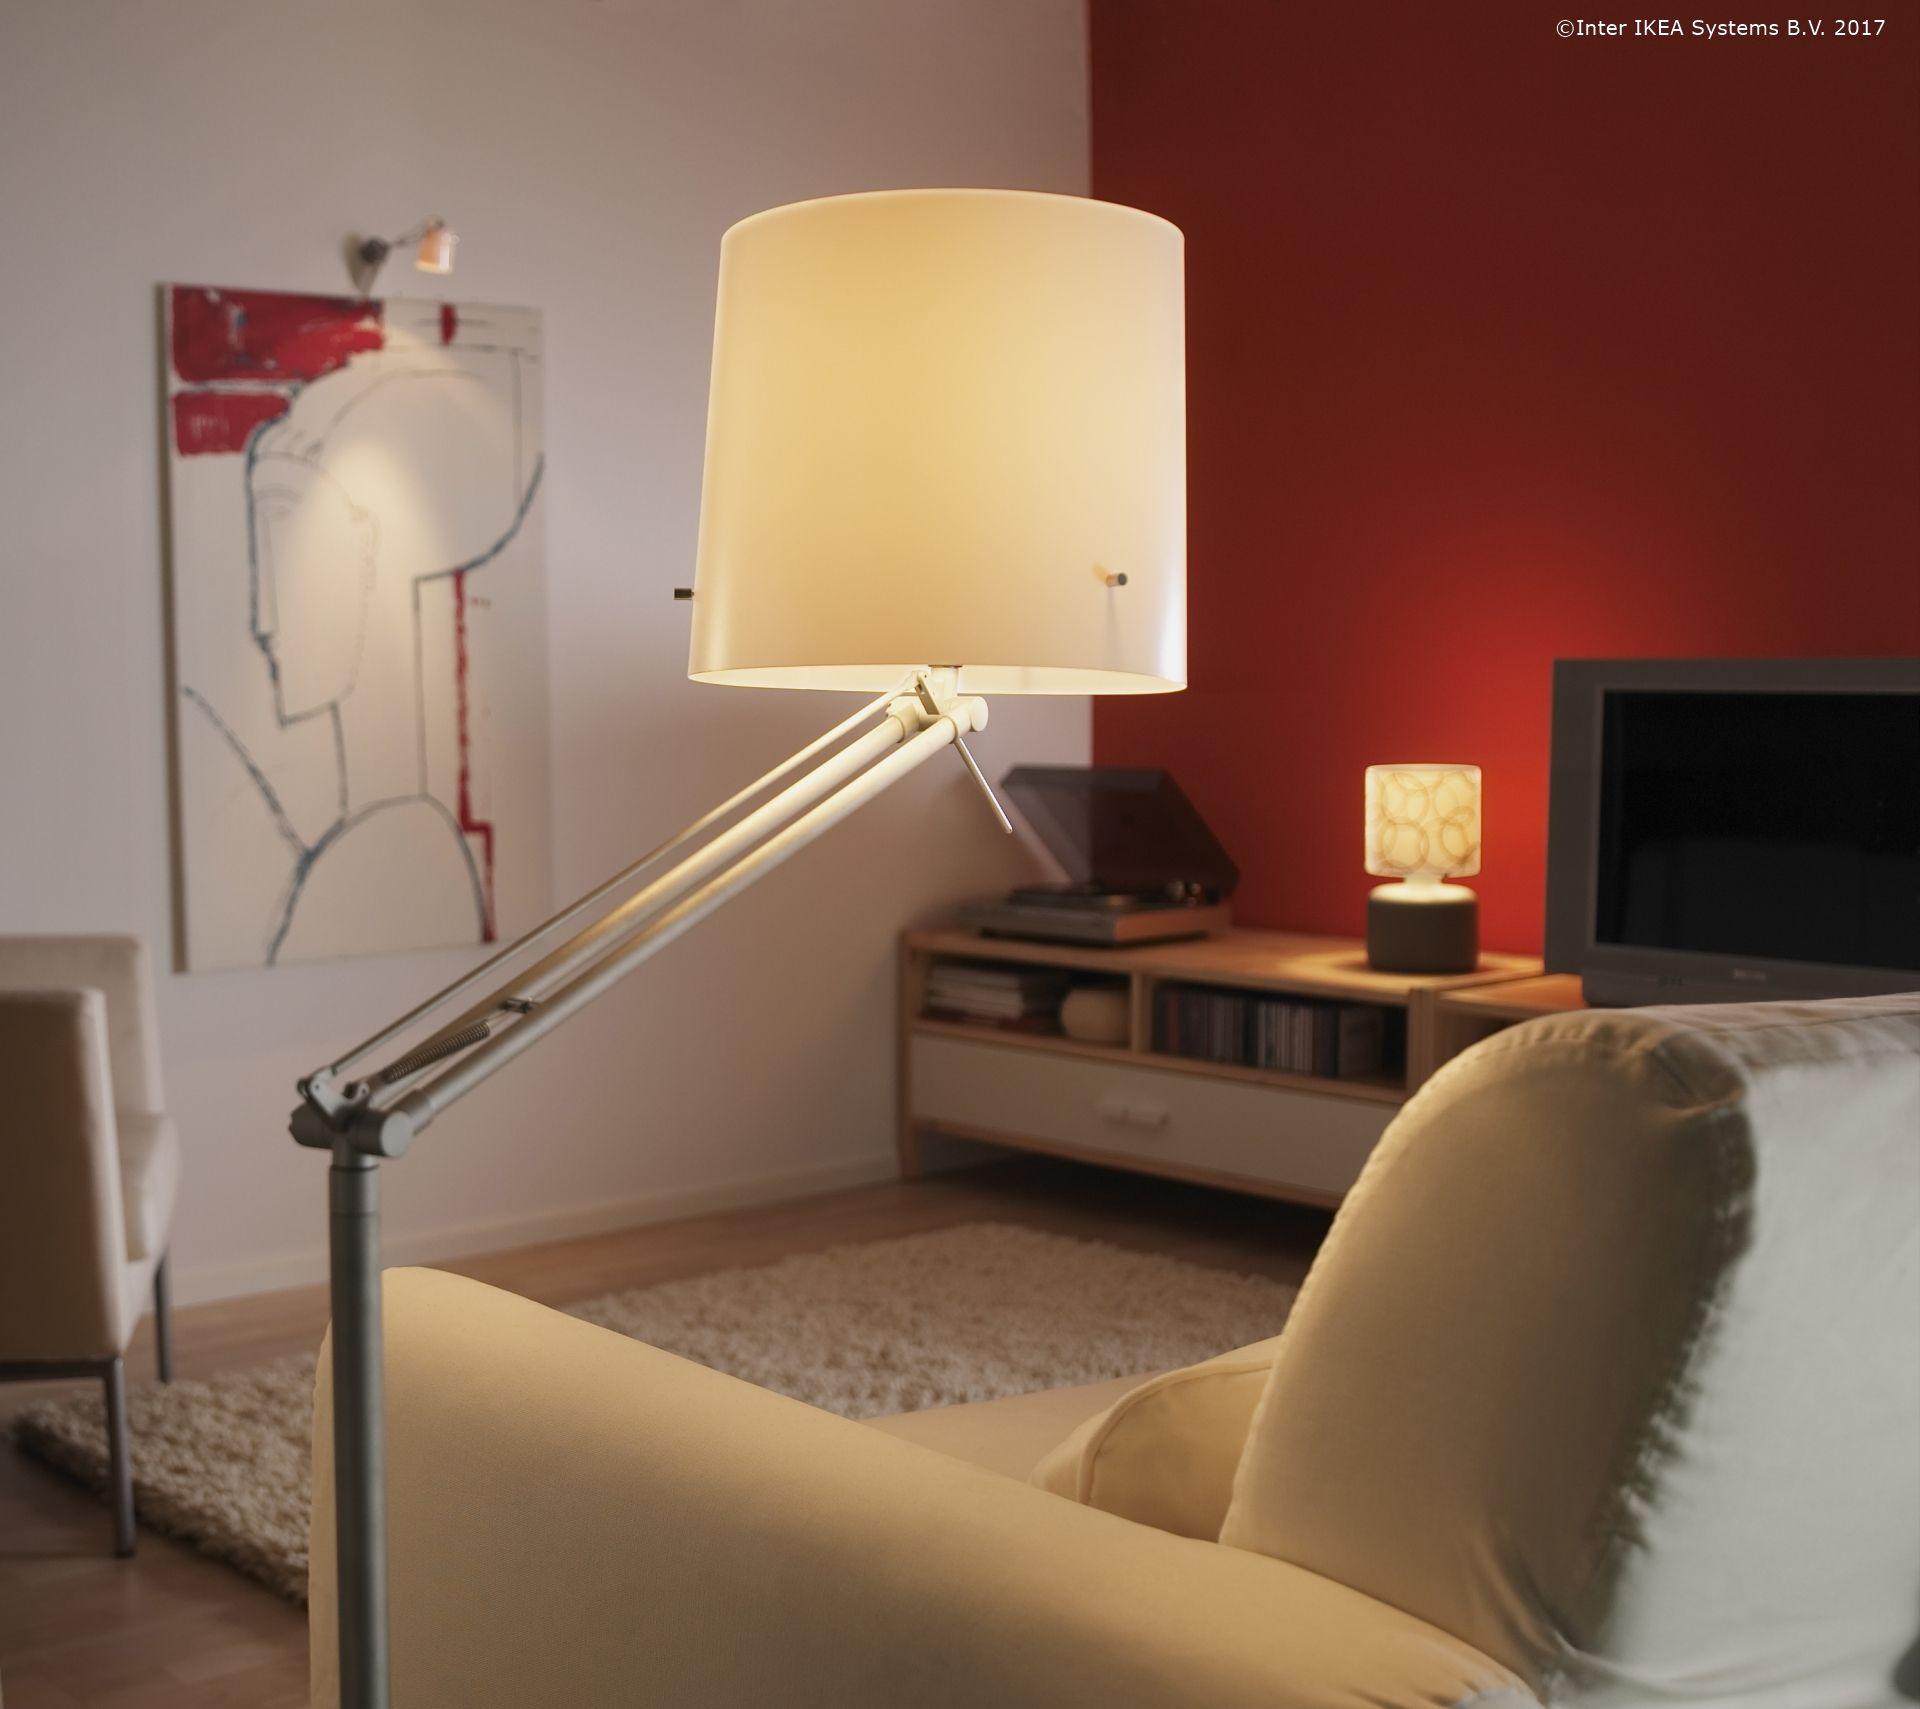 Lampa Samtid Are O Lumină Difuză Care Te Ajută Atunci Cand Vrei Să Citești Cartea Ta Preferată Fără Ca Ochii Să ți Obosească Interer